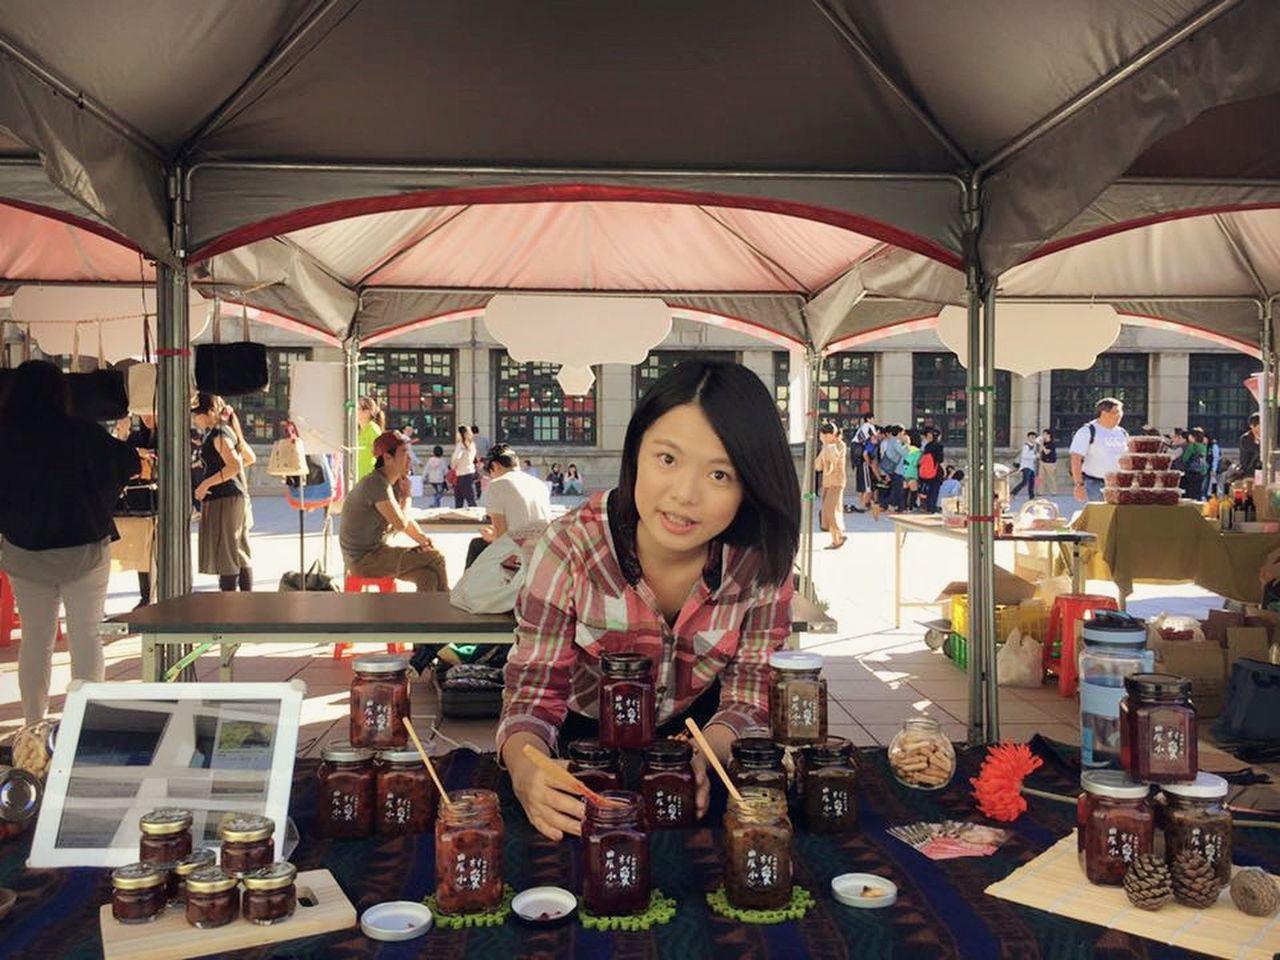 25歲女孩錢湘伶自創「農村小愛」果醬品牌,構思行銷包裝及市集通路。圖/錢湘伶提供...